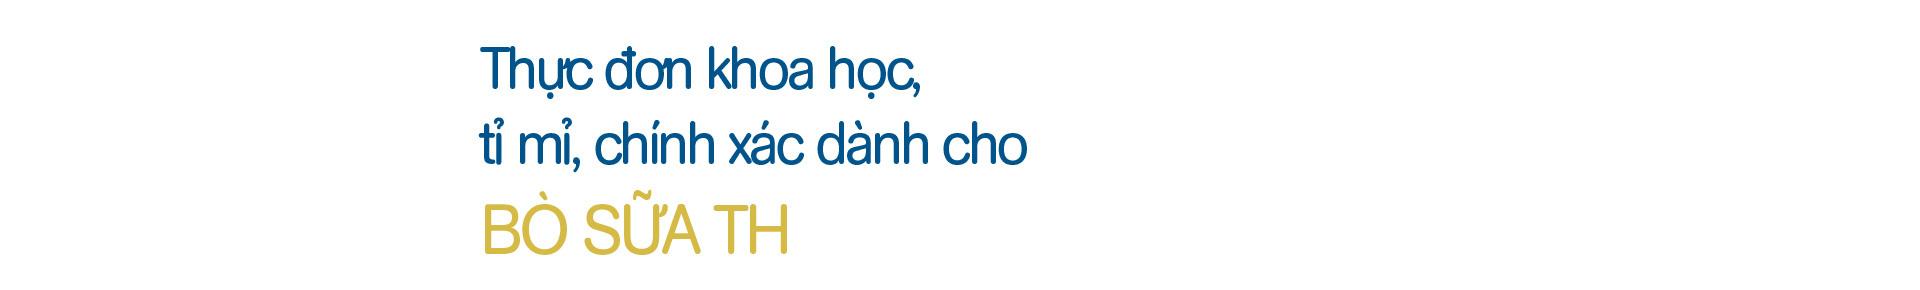 """Bò sữa ở Việt Nam: """"Hậu trường"""" quy trình chăn nuôi cầu kỳ và tỉ mỉ đáng ngạc nhiên    - Ảnh 7."""